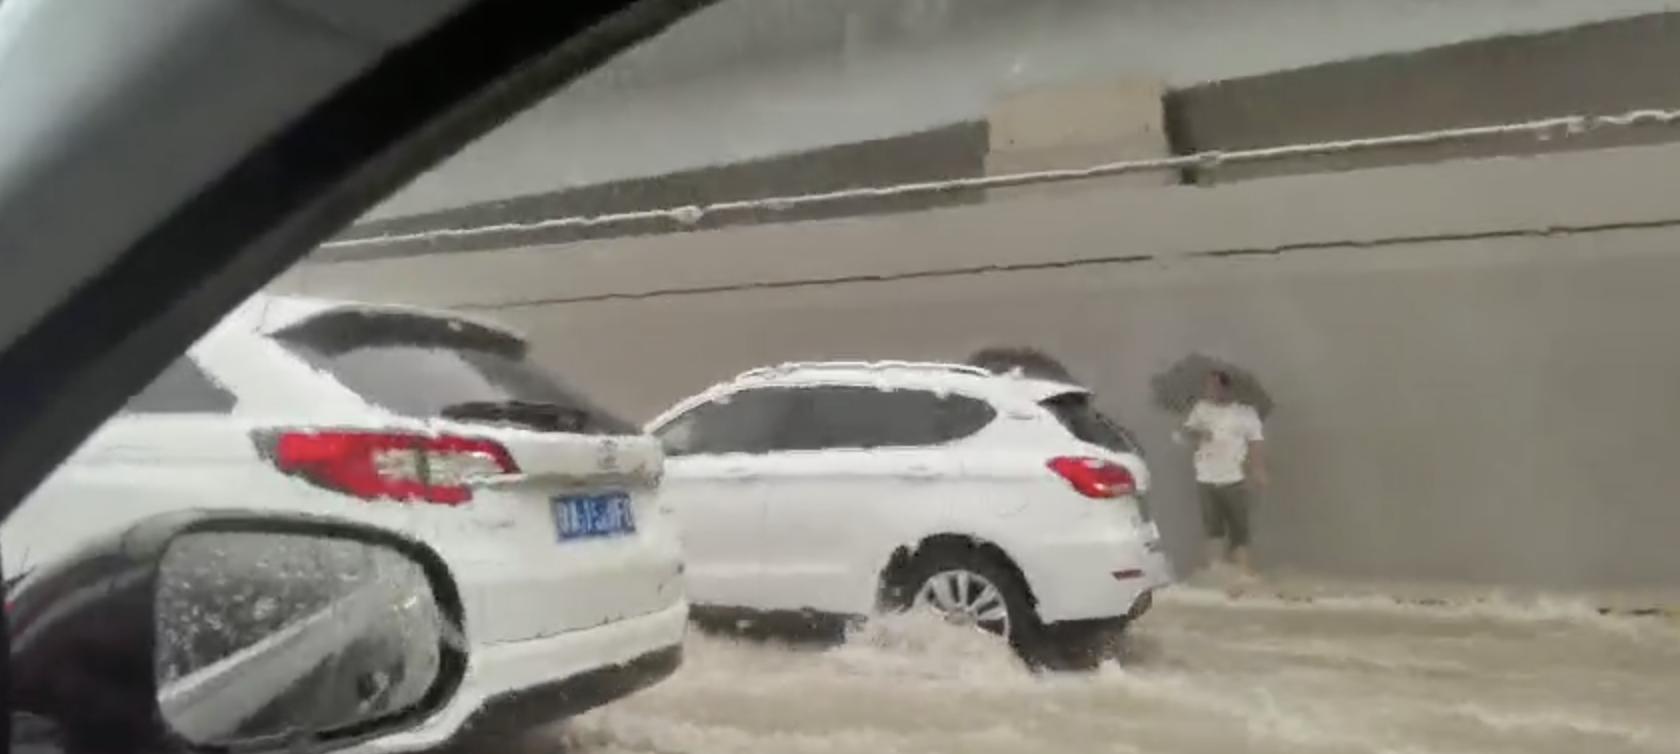 在郑州京广隧道拍车门救人的河南大哥,我们找到了